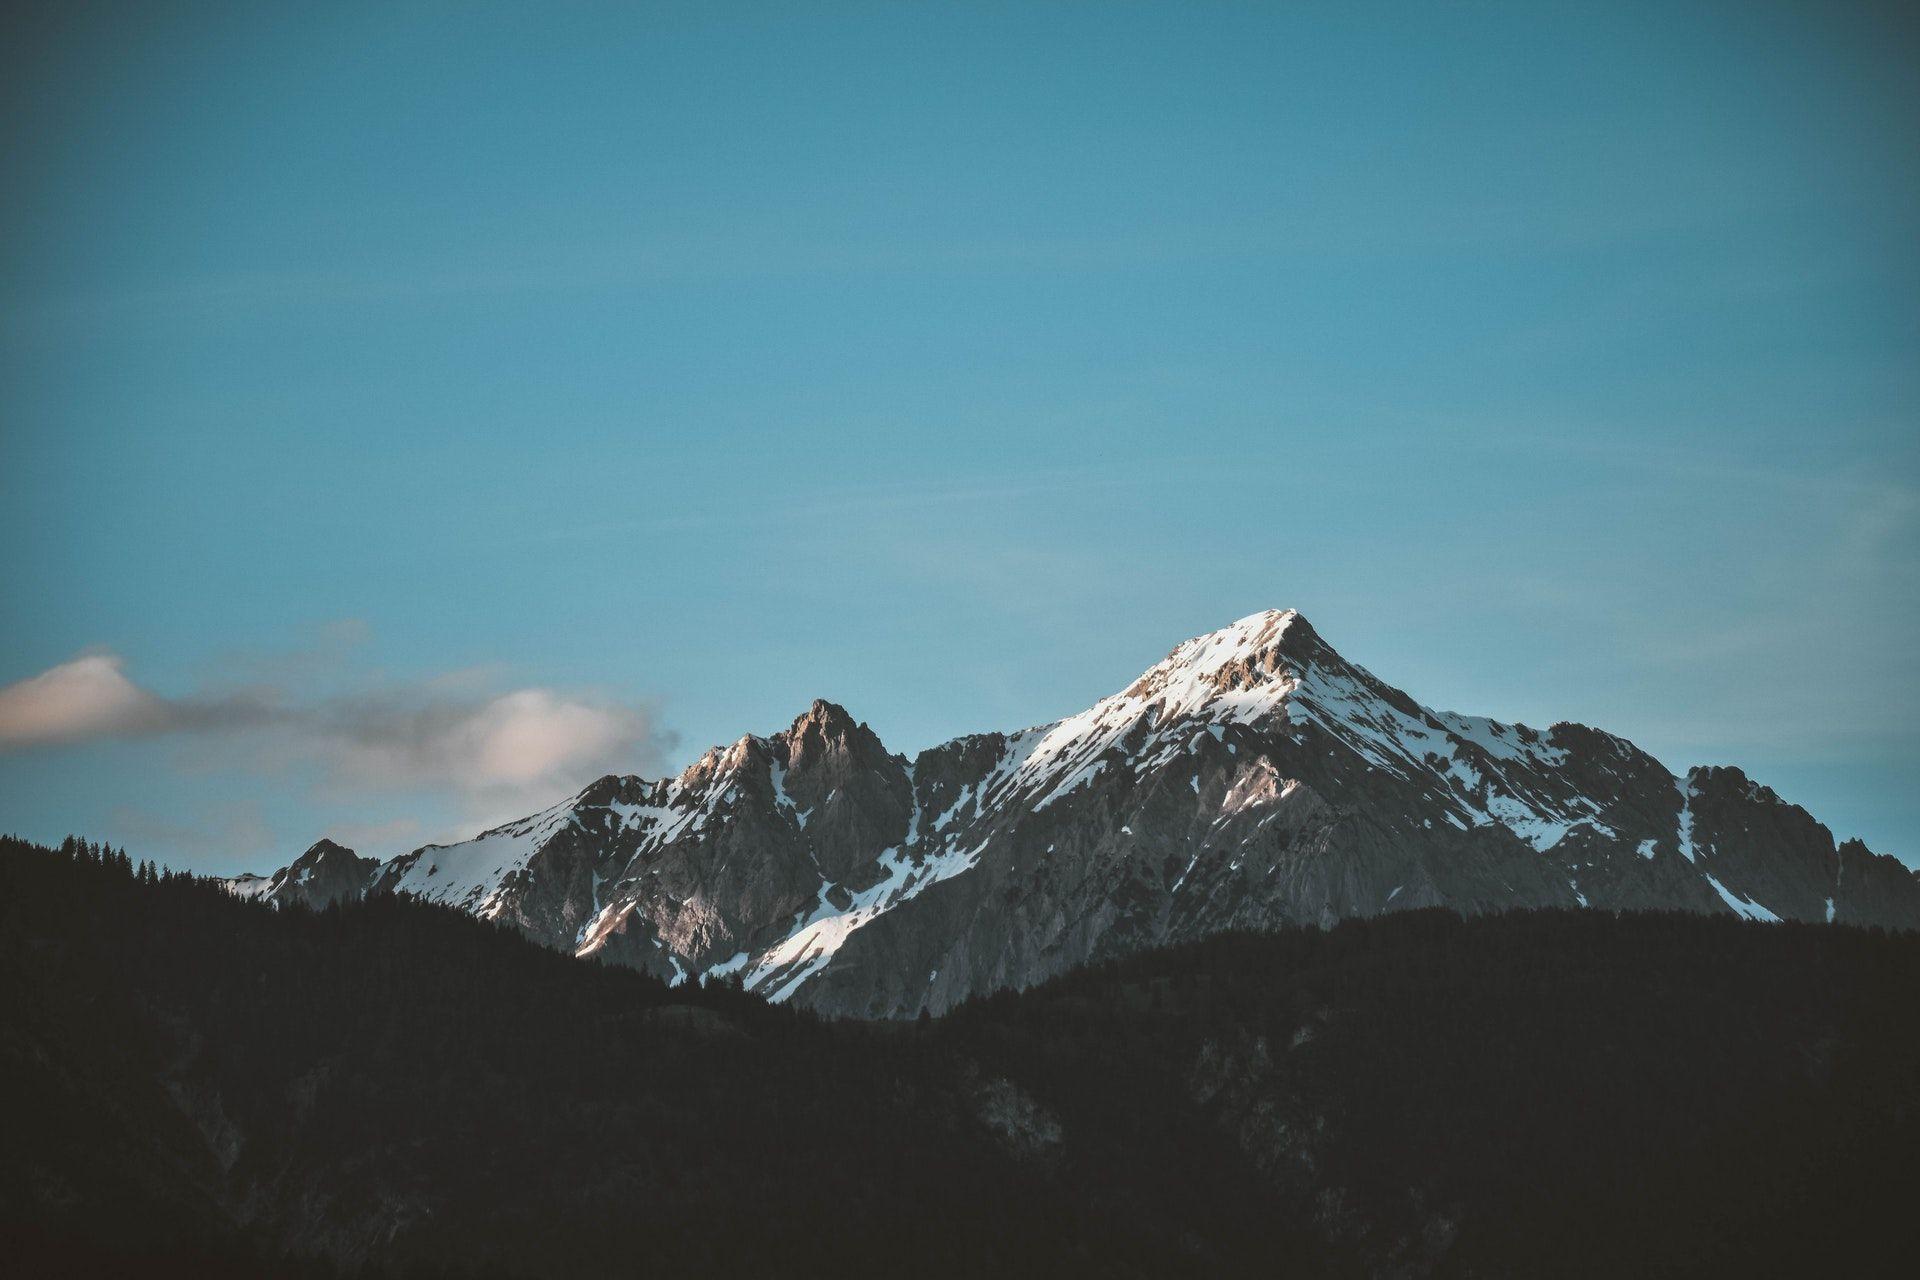 عکس زمینه برف روی قله کوه زیر آسمان پاک پس زمینه